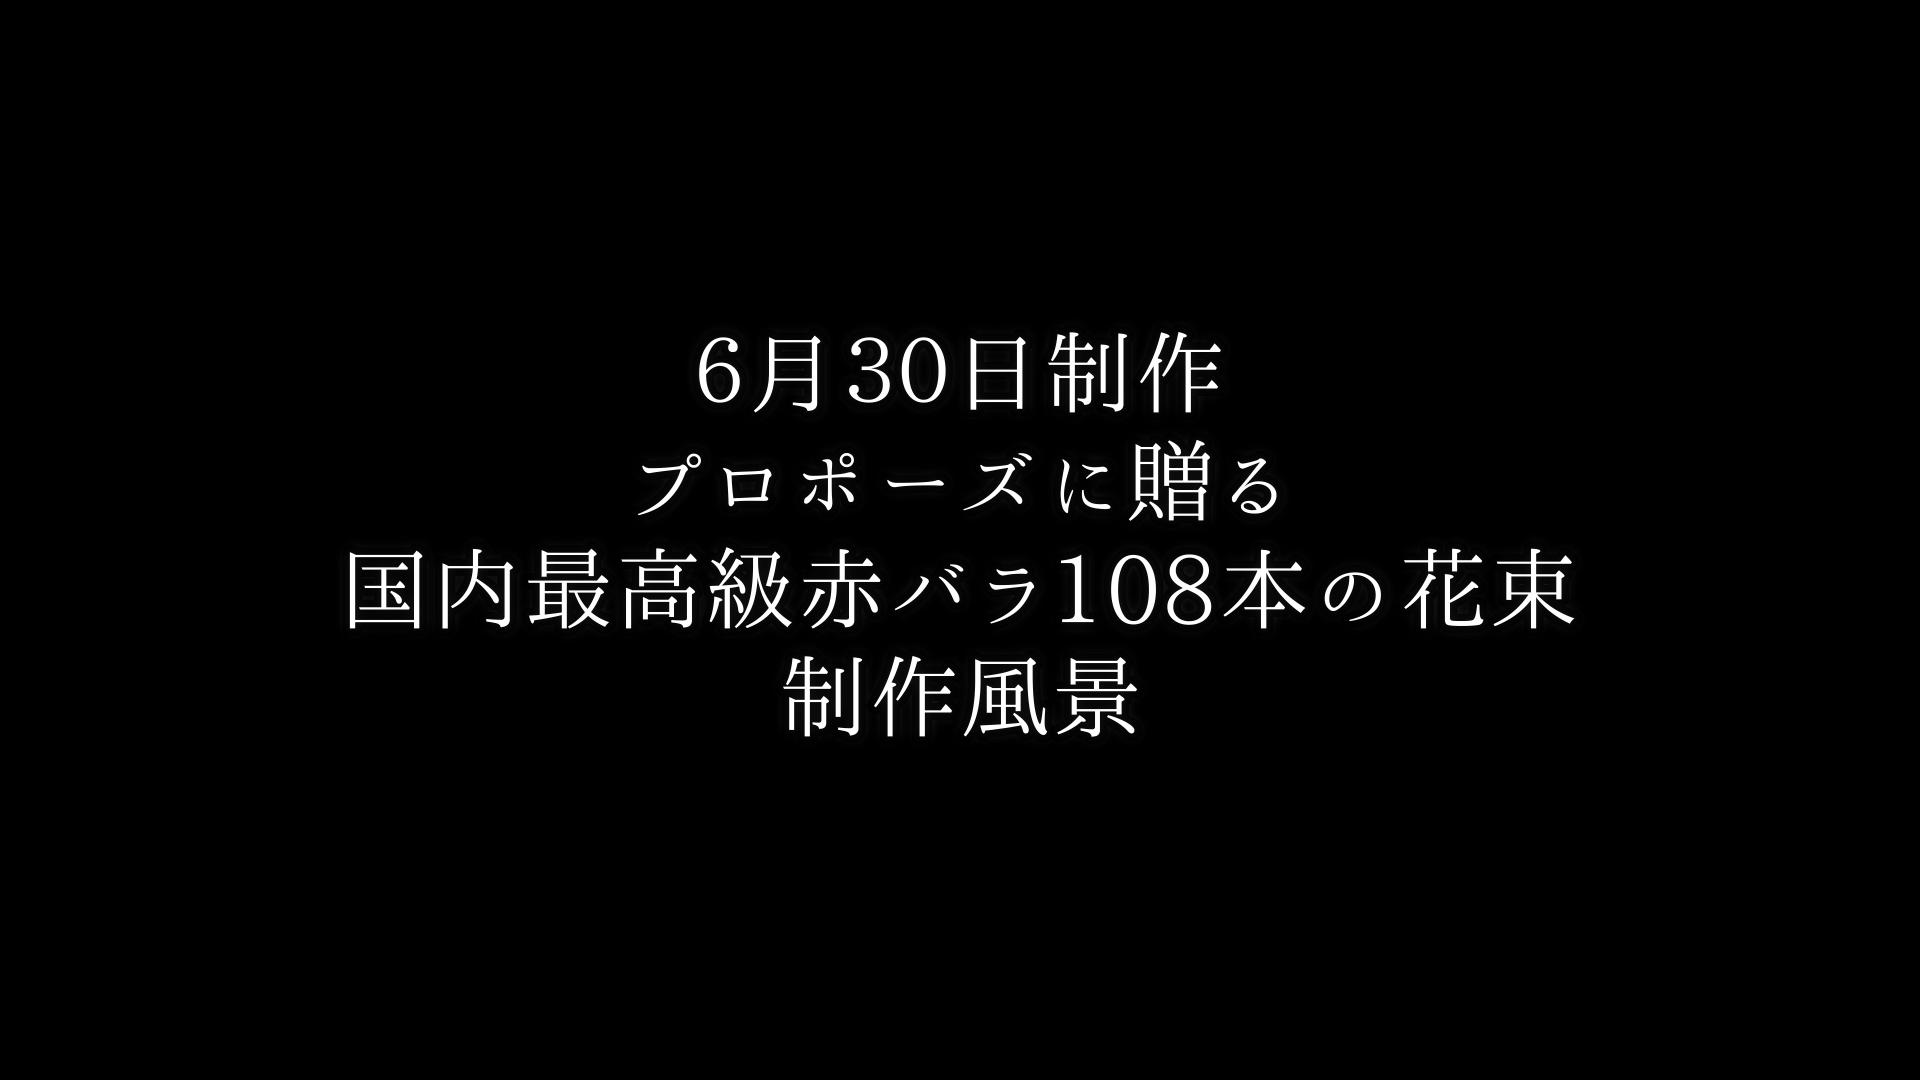 【プロポーズに】バラ108本の花束制作動画 2021/06/30撮影